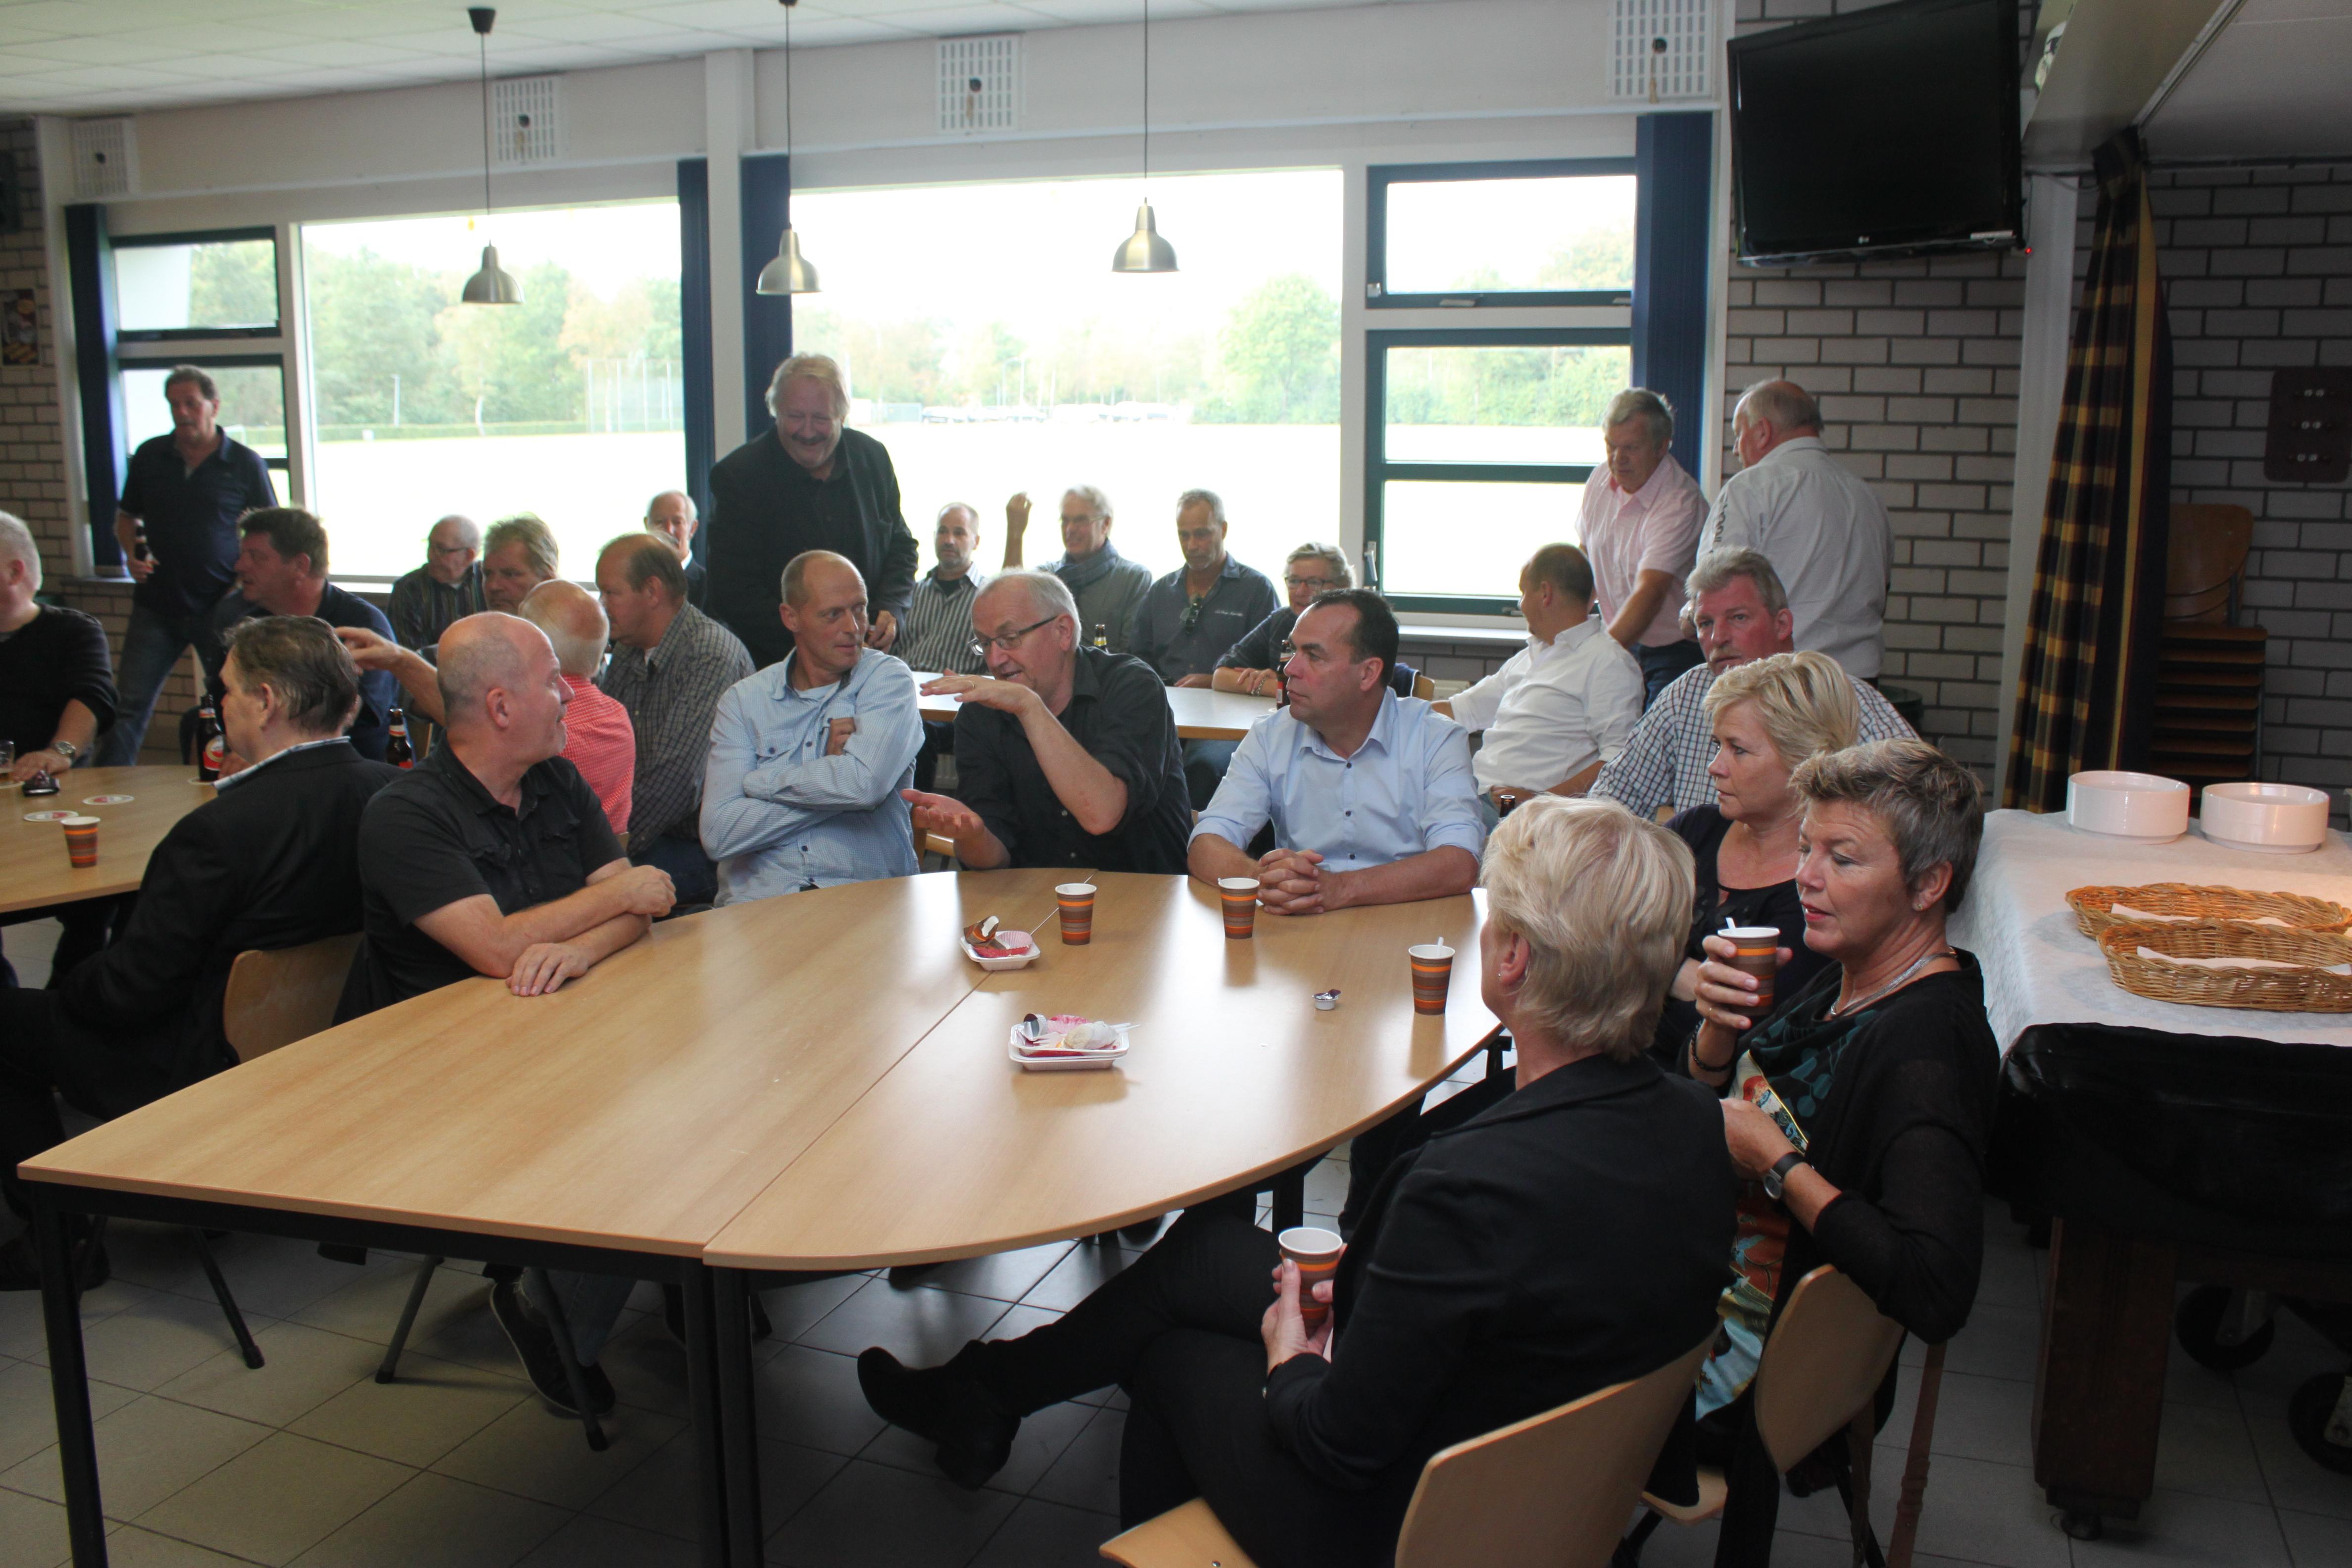 Asser Boys heeft haar 95ste verjaardag gevierd